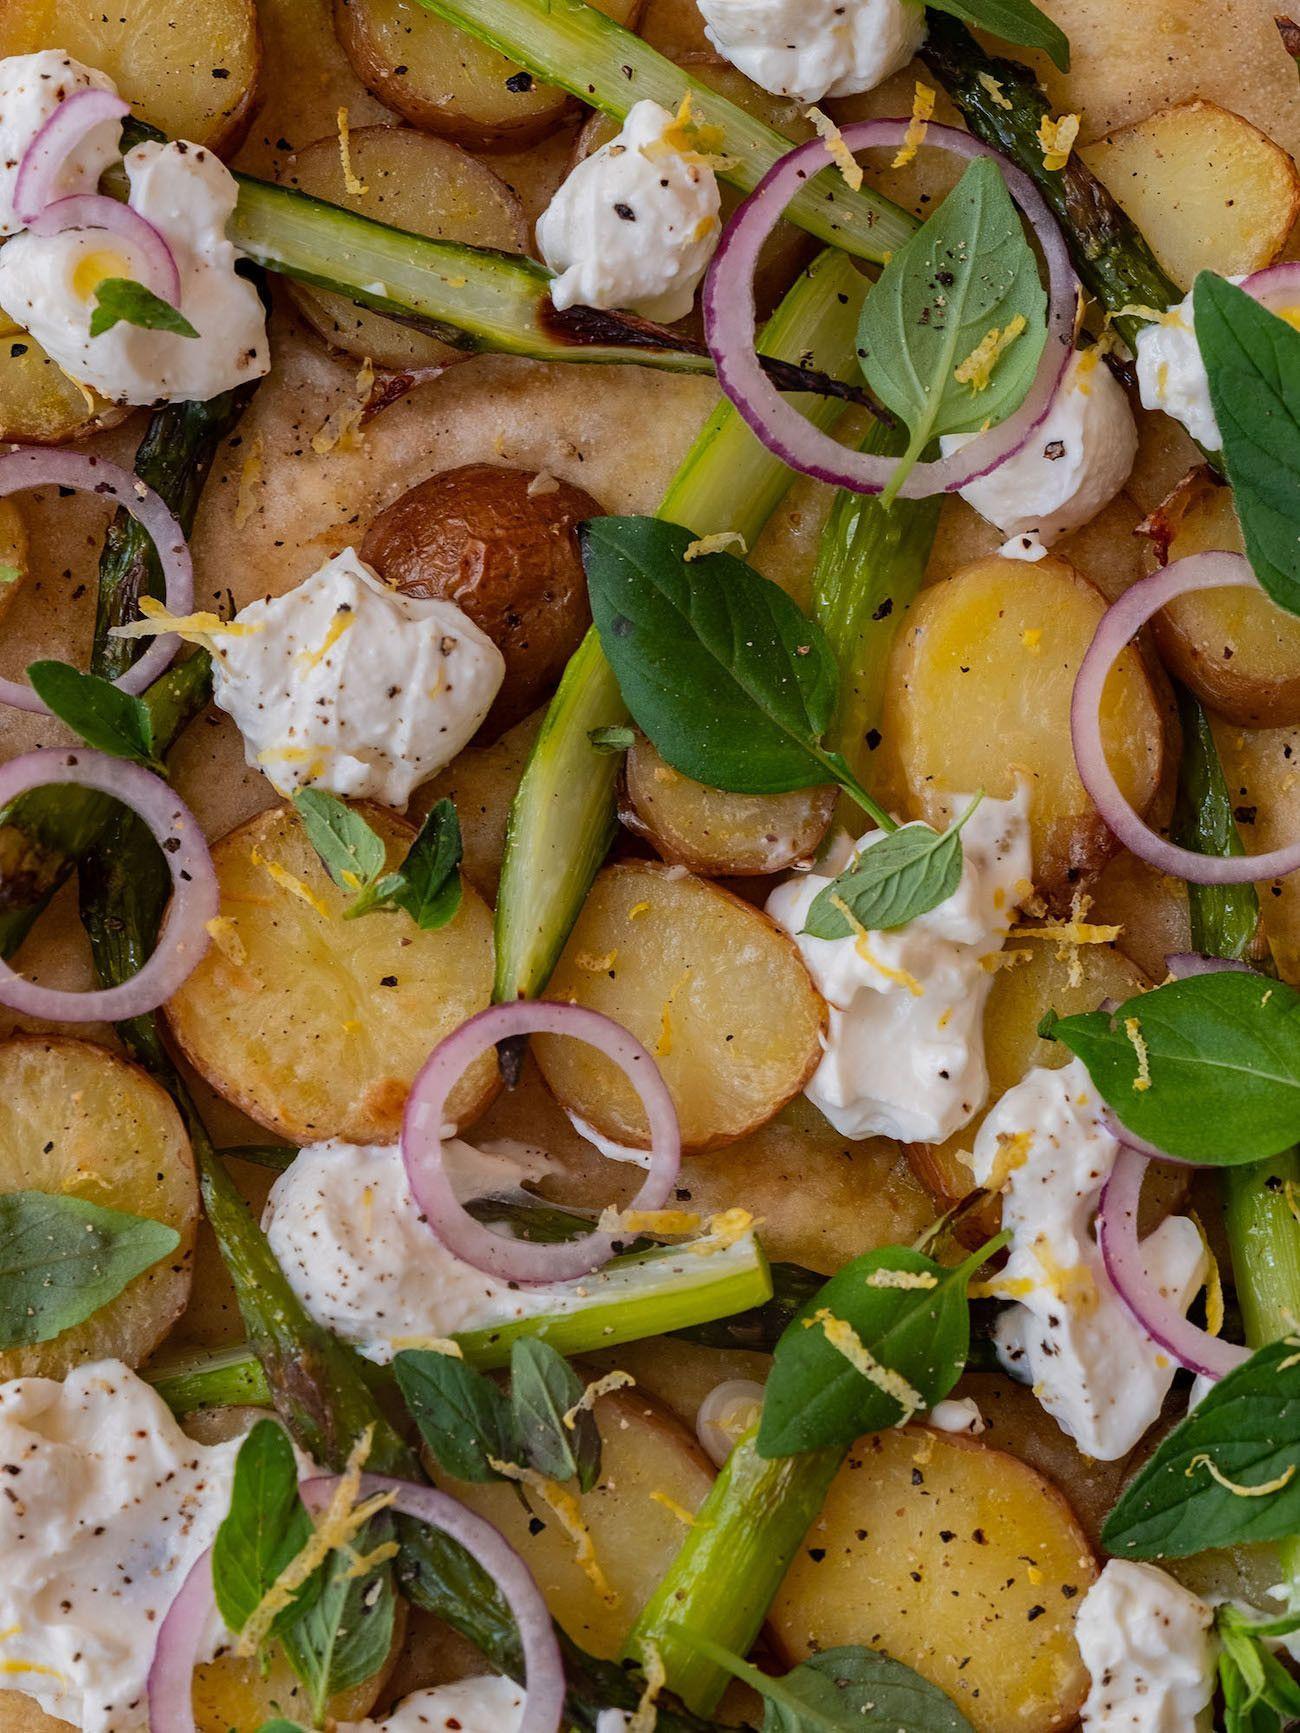 Foodblog About Fuel, Rezept Frühlingspizza mit grünerm Spargel, Frühkartoffeln und Ricotta, Pfeffer, Oregano